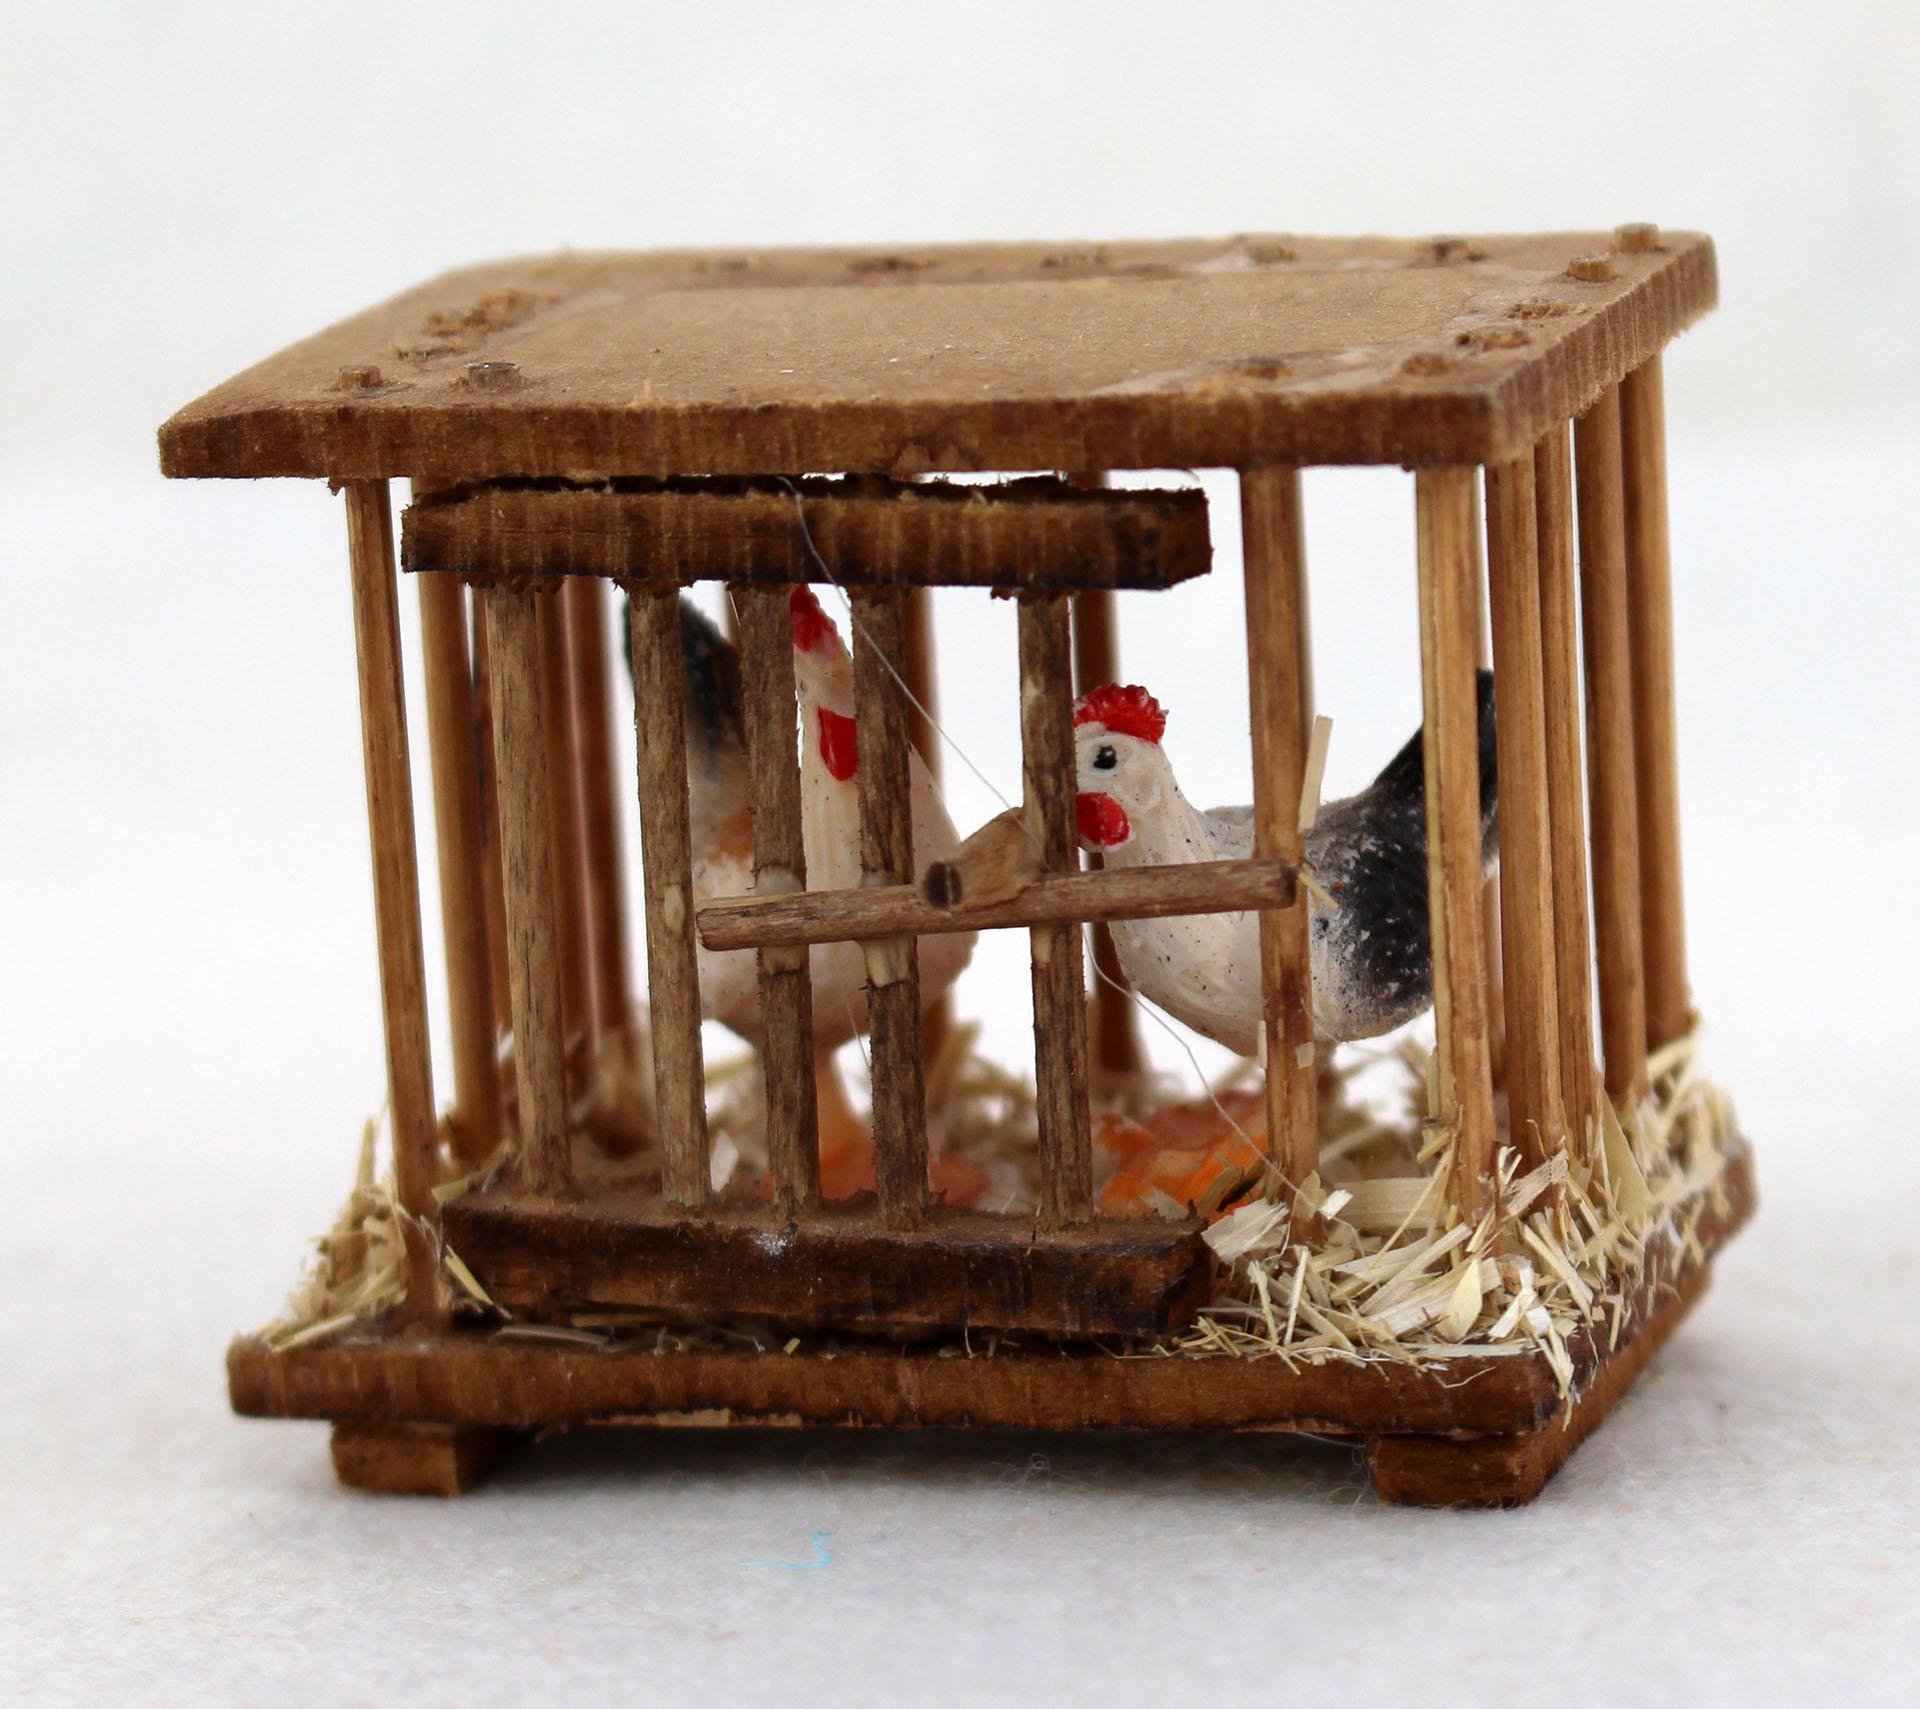 Hühnerkäfig mit Hühnern